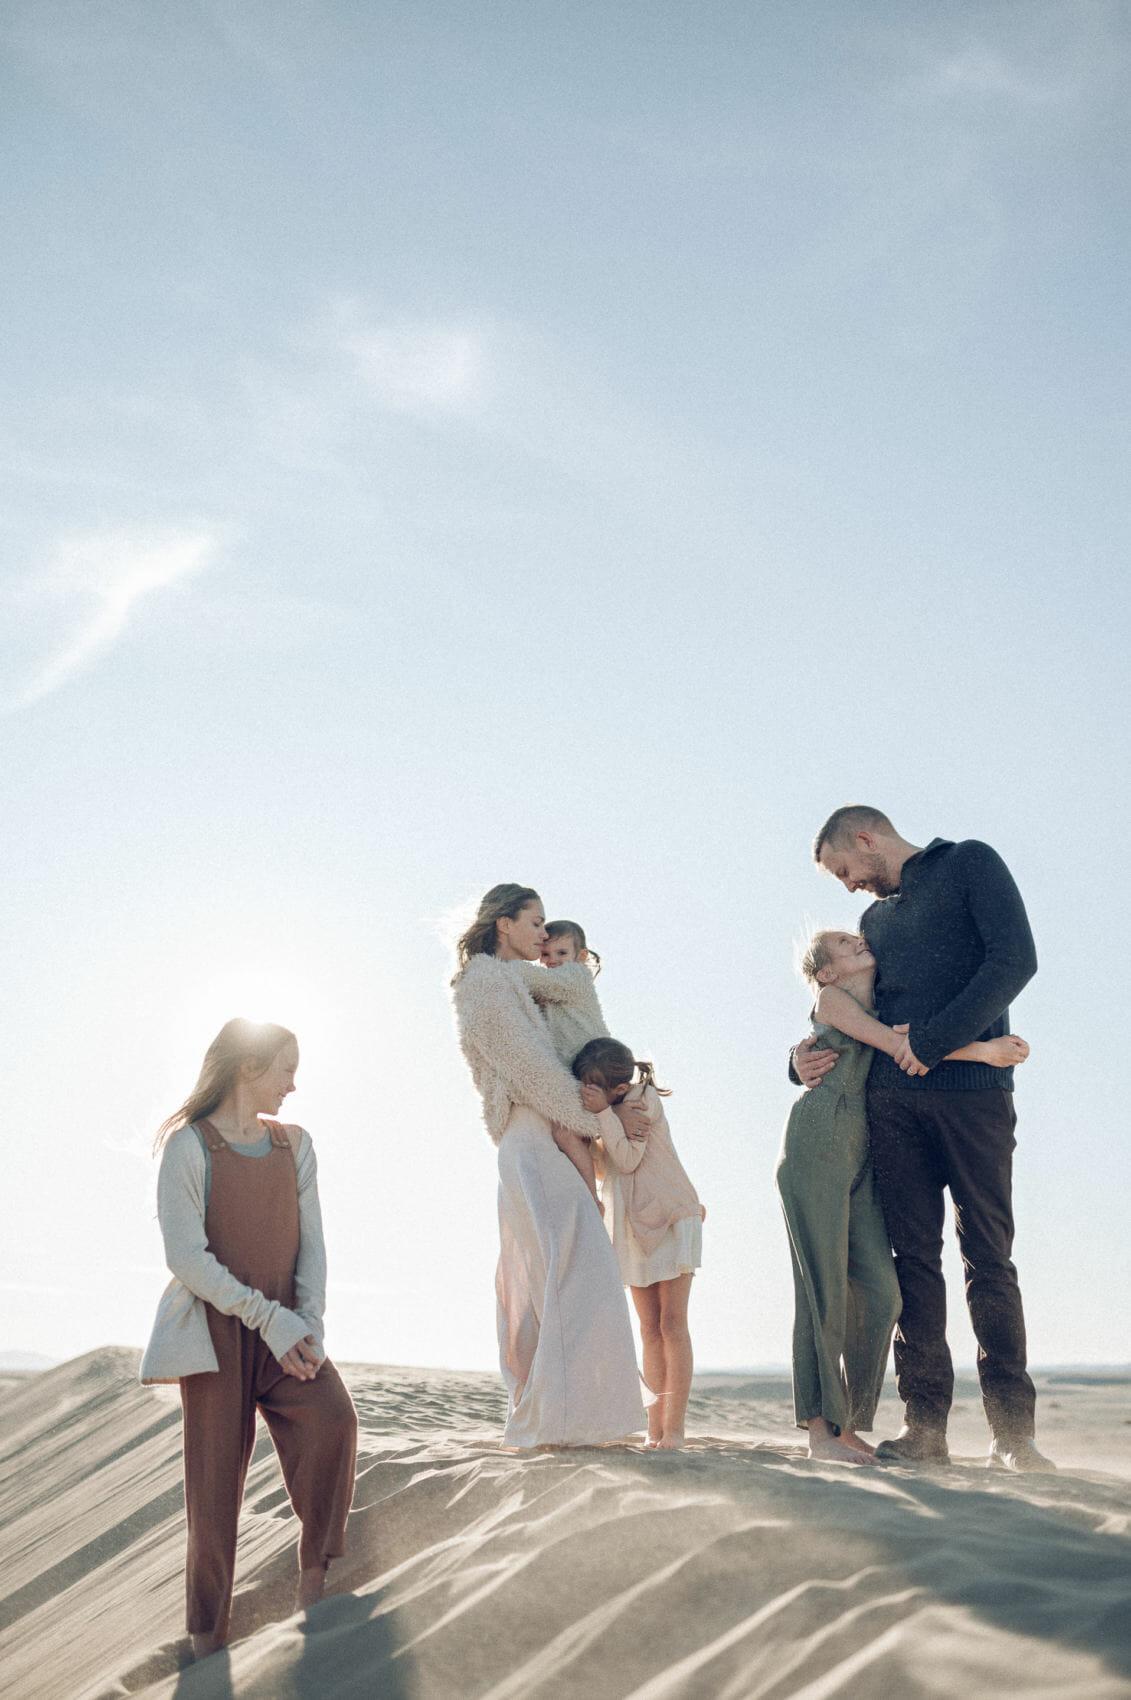 Family photoson sand dunes